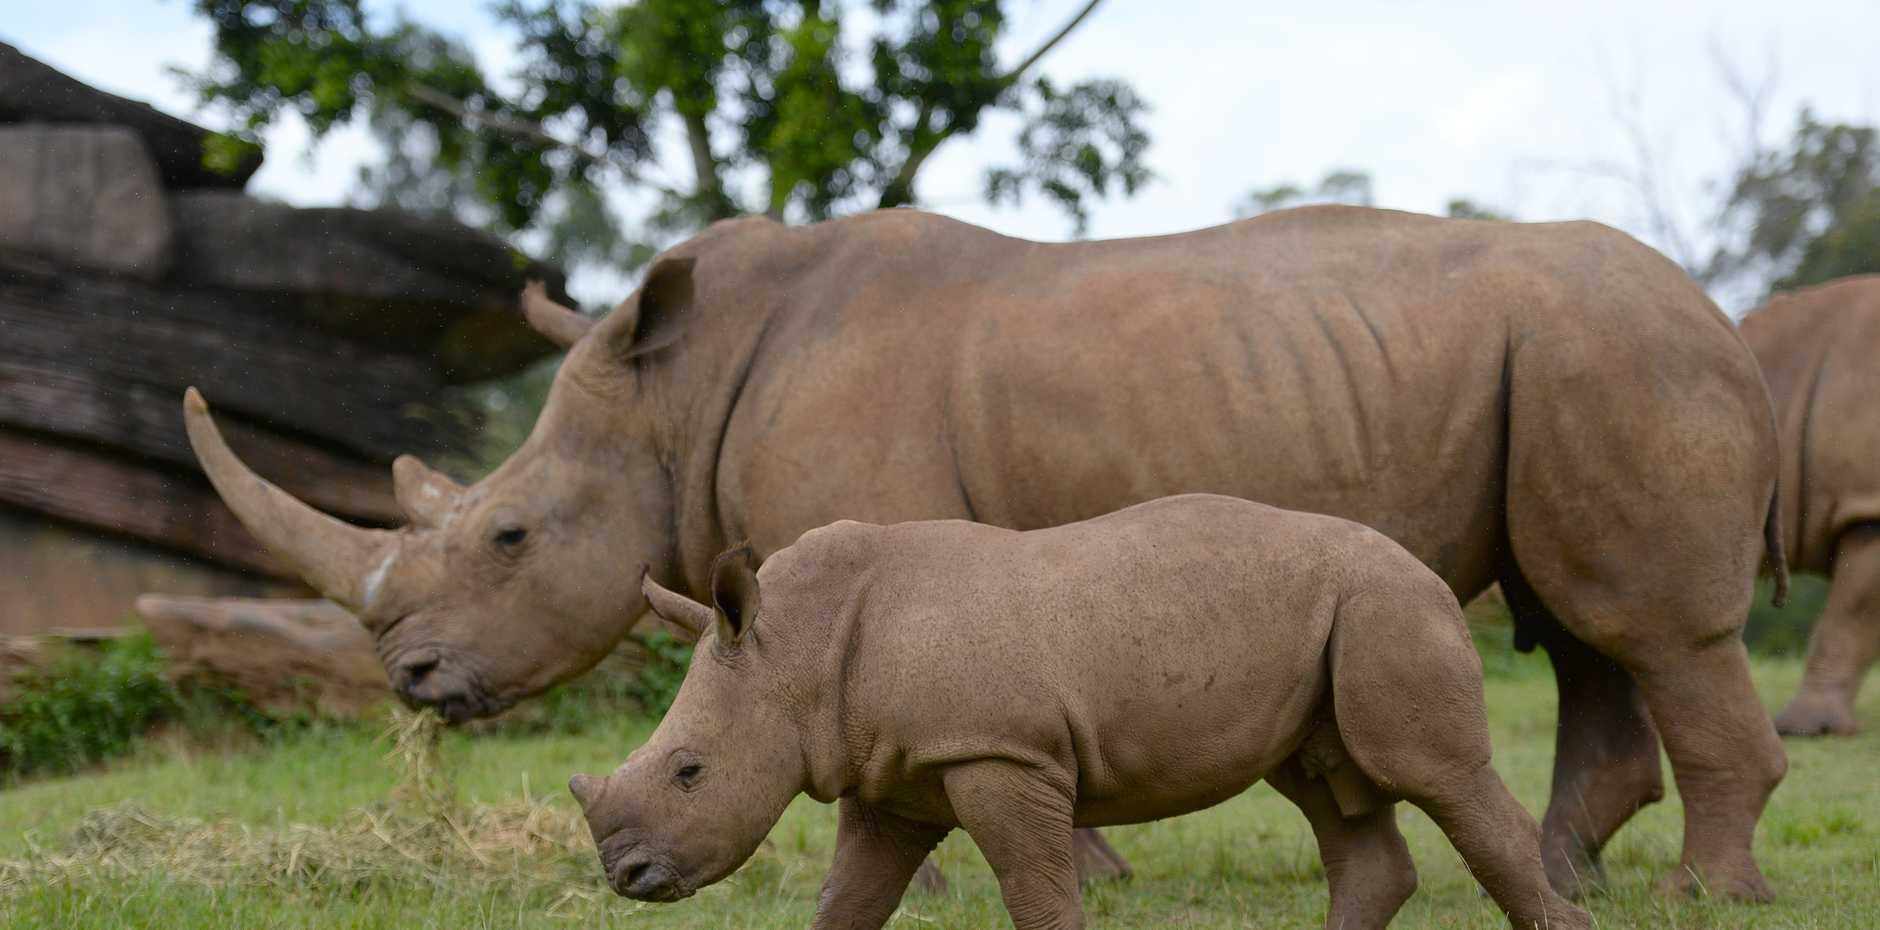 Humphrey, the white rhino calf, at Australia Zoo's African savannah.